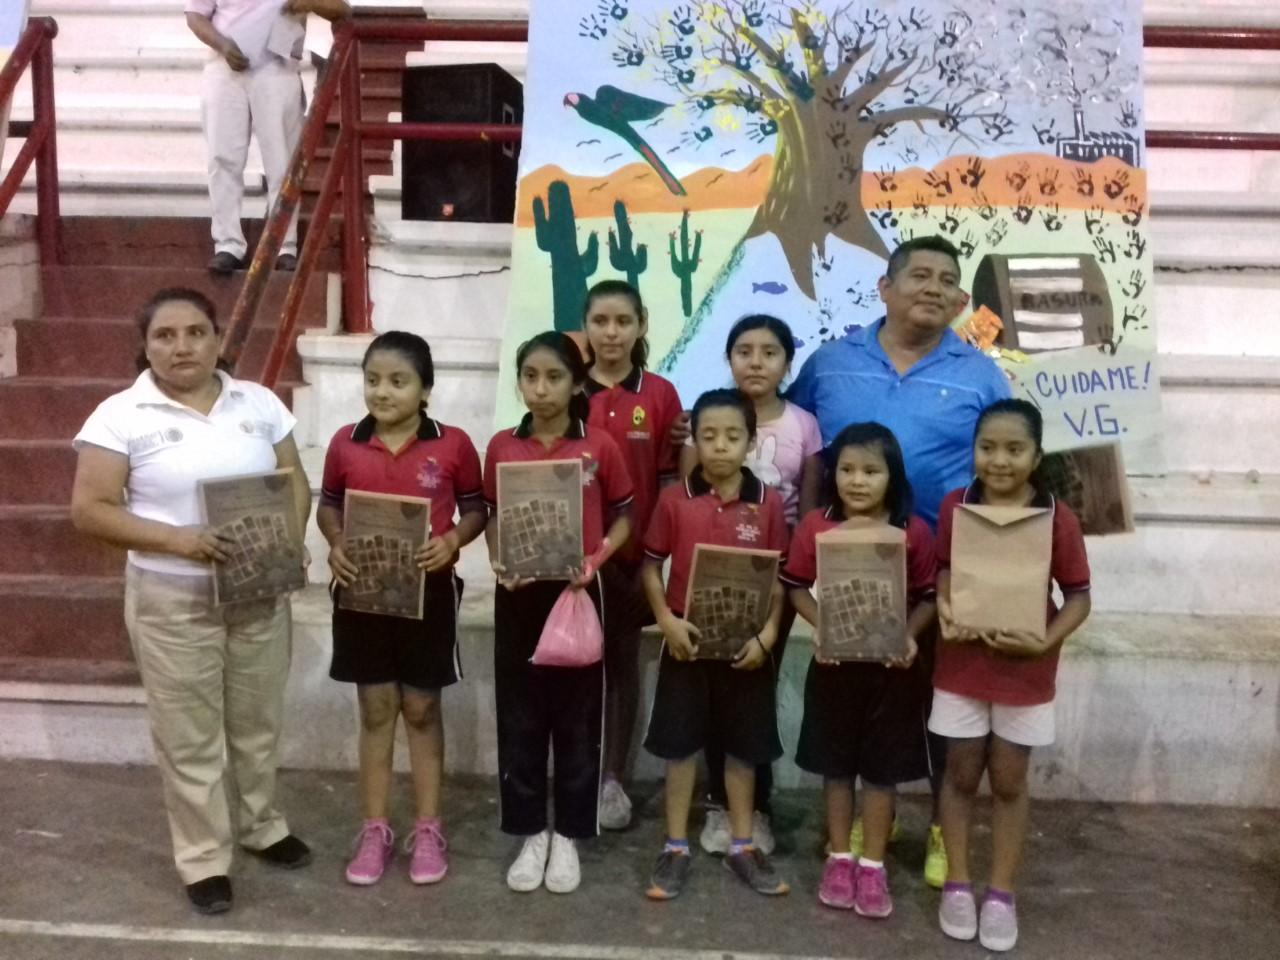 Niños y jóvenes realizan concurso de murales en Cuicatlán | El Imparcial de Oaxaca